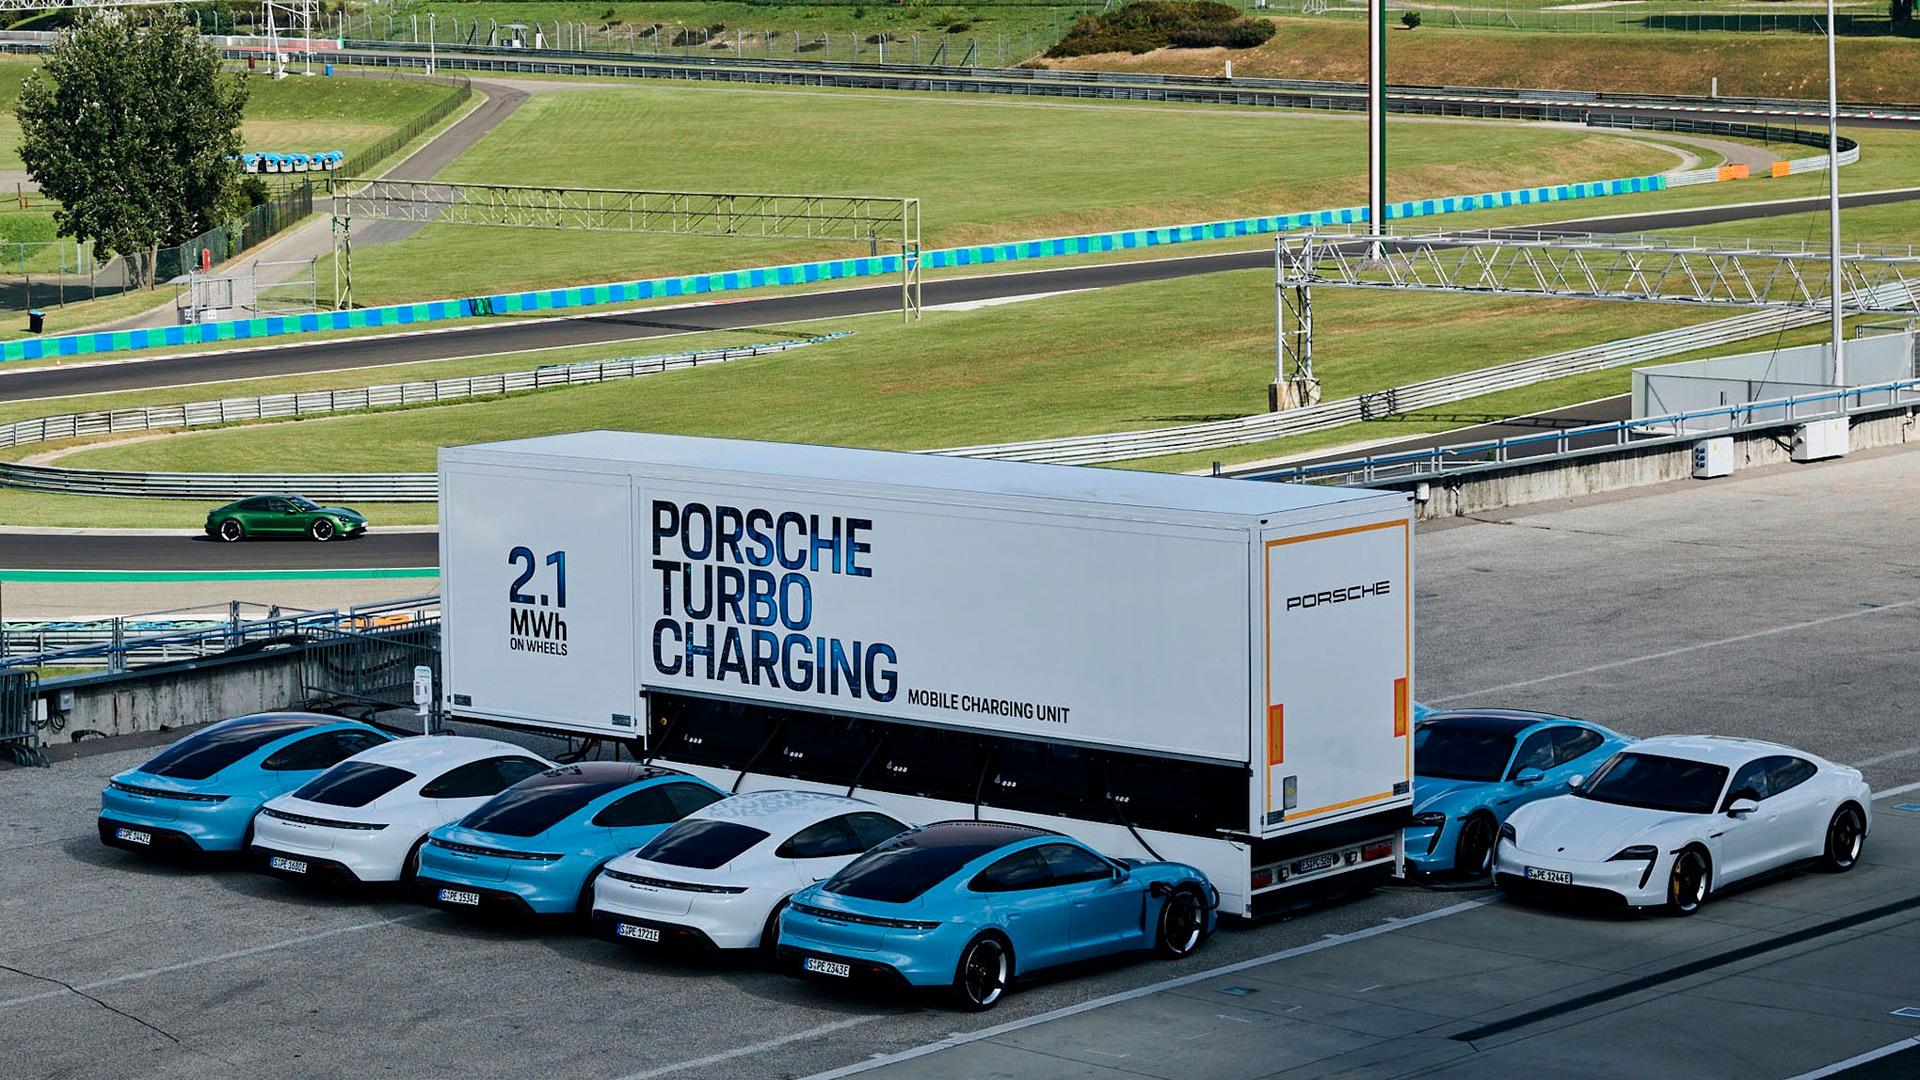 Мобильный источник энергии для зарядки электромобилей на базе прицепа емкостью 2,1 МВт⋅ч